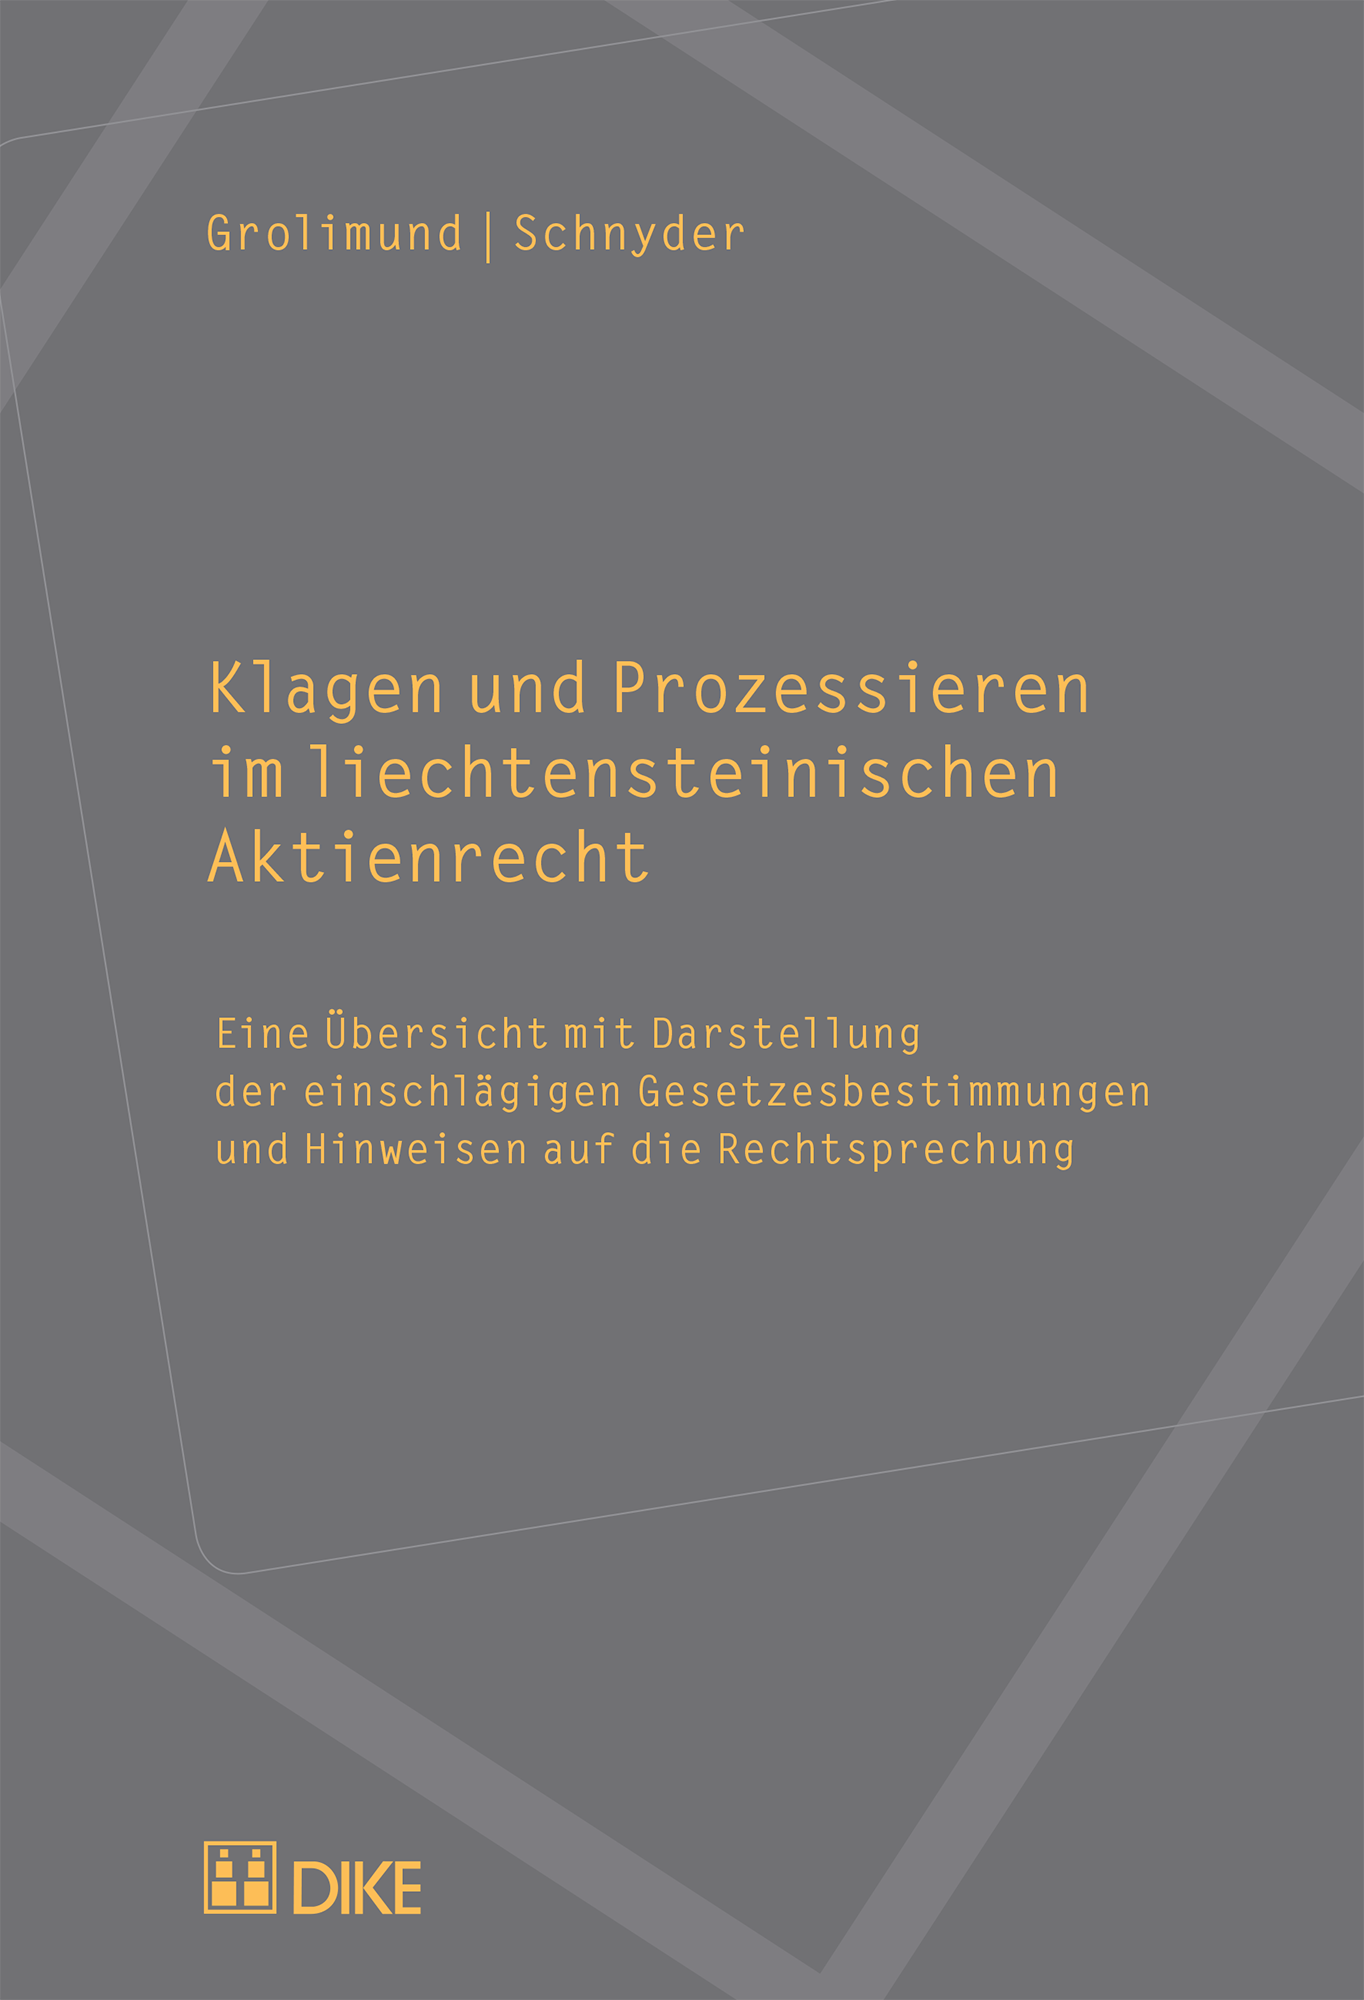 Klagen und Prozessieren im liechtensteinischen Aktienrecht